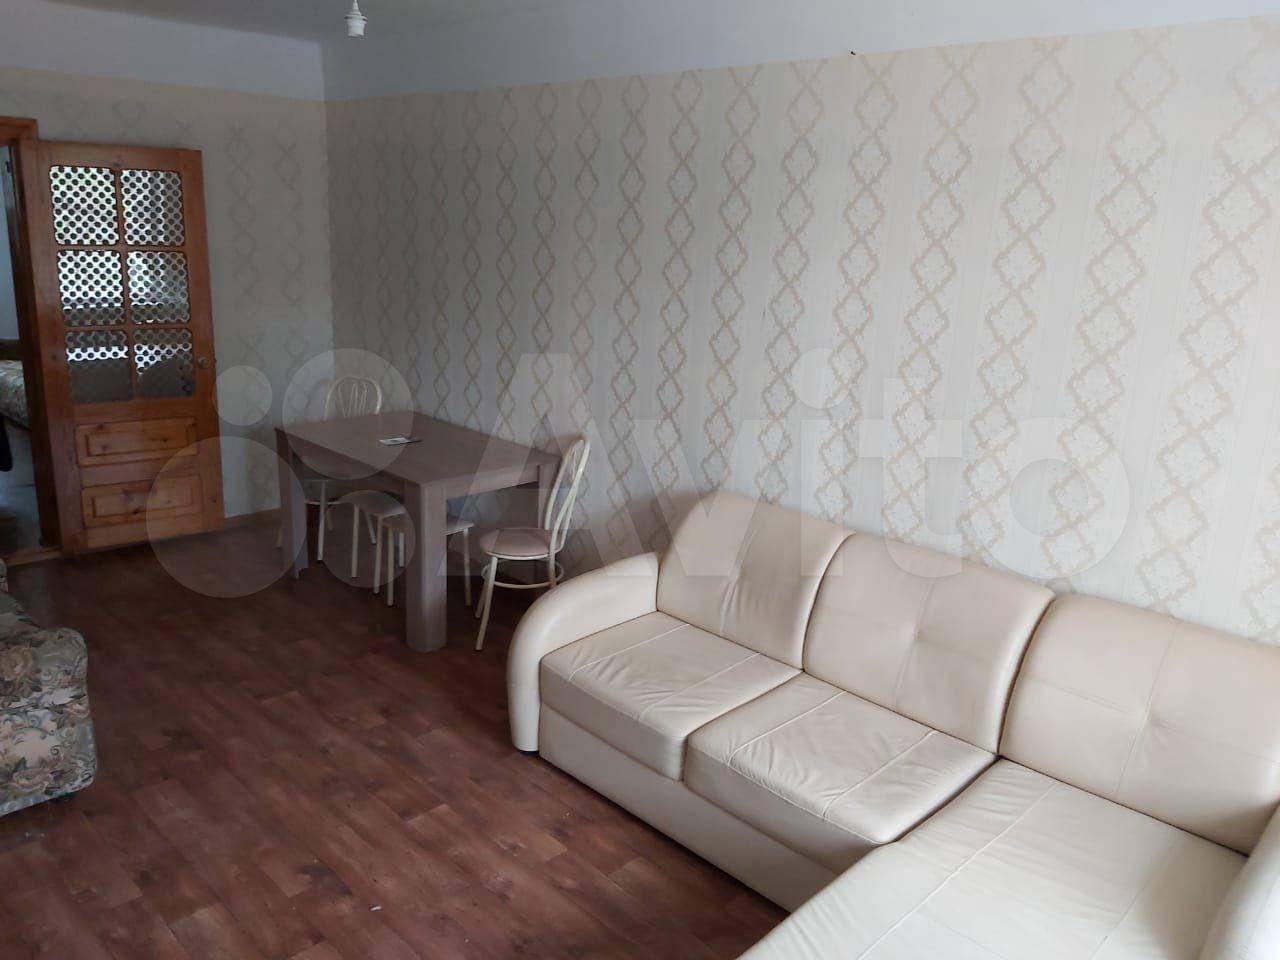 2-к квартира, 50 м², 3/5 эт.  89604217962 купить 2